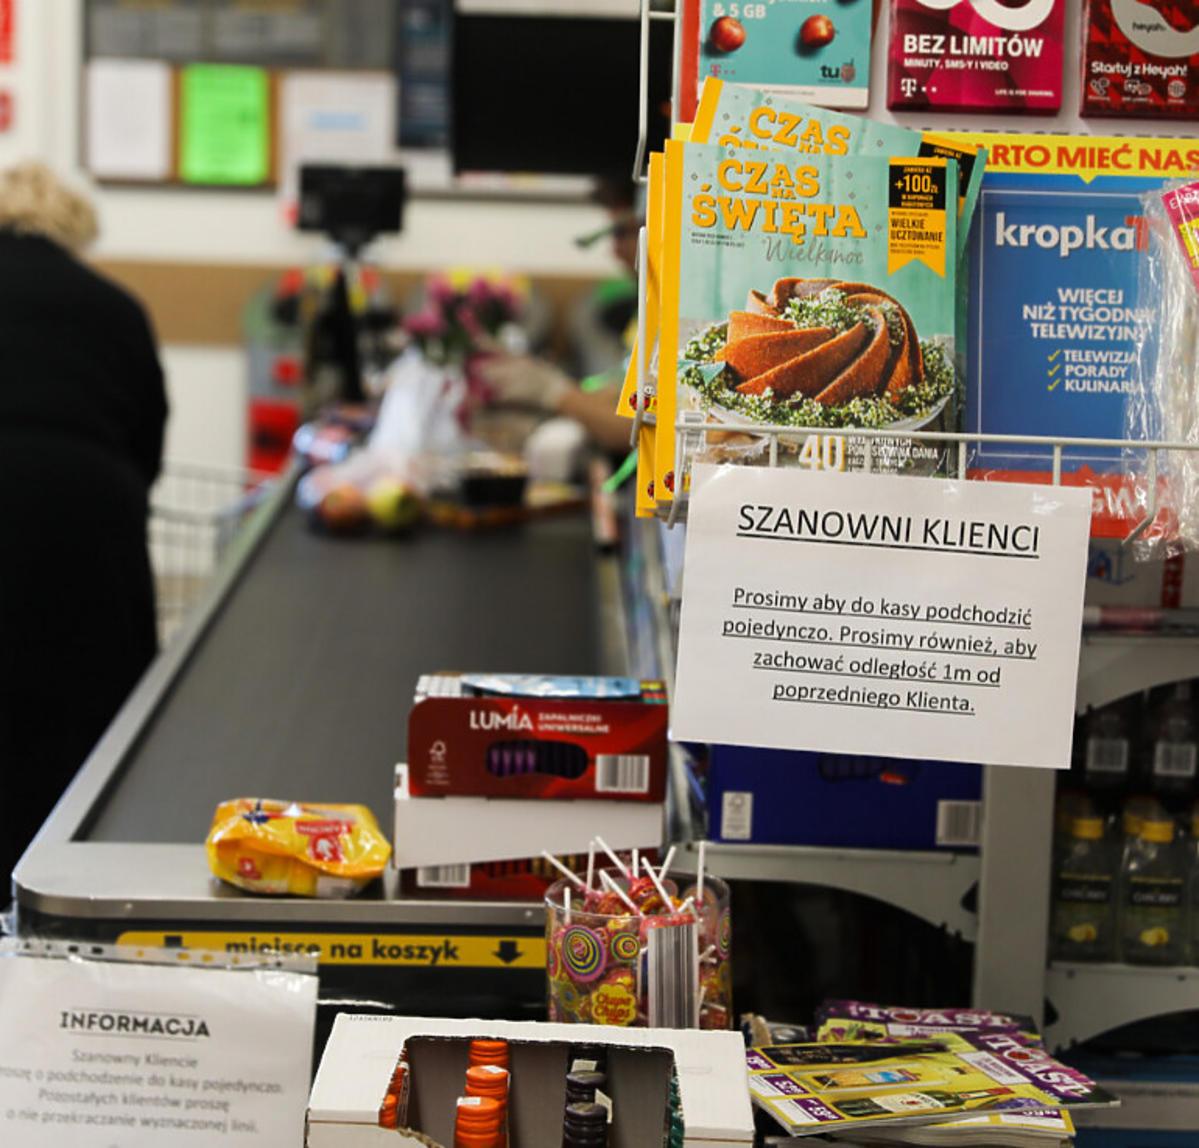 ograniczenia w sklepach spożywczych